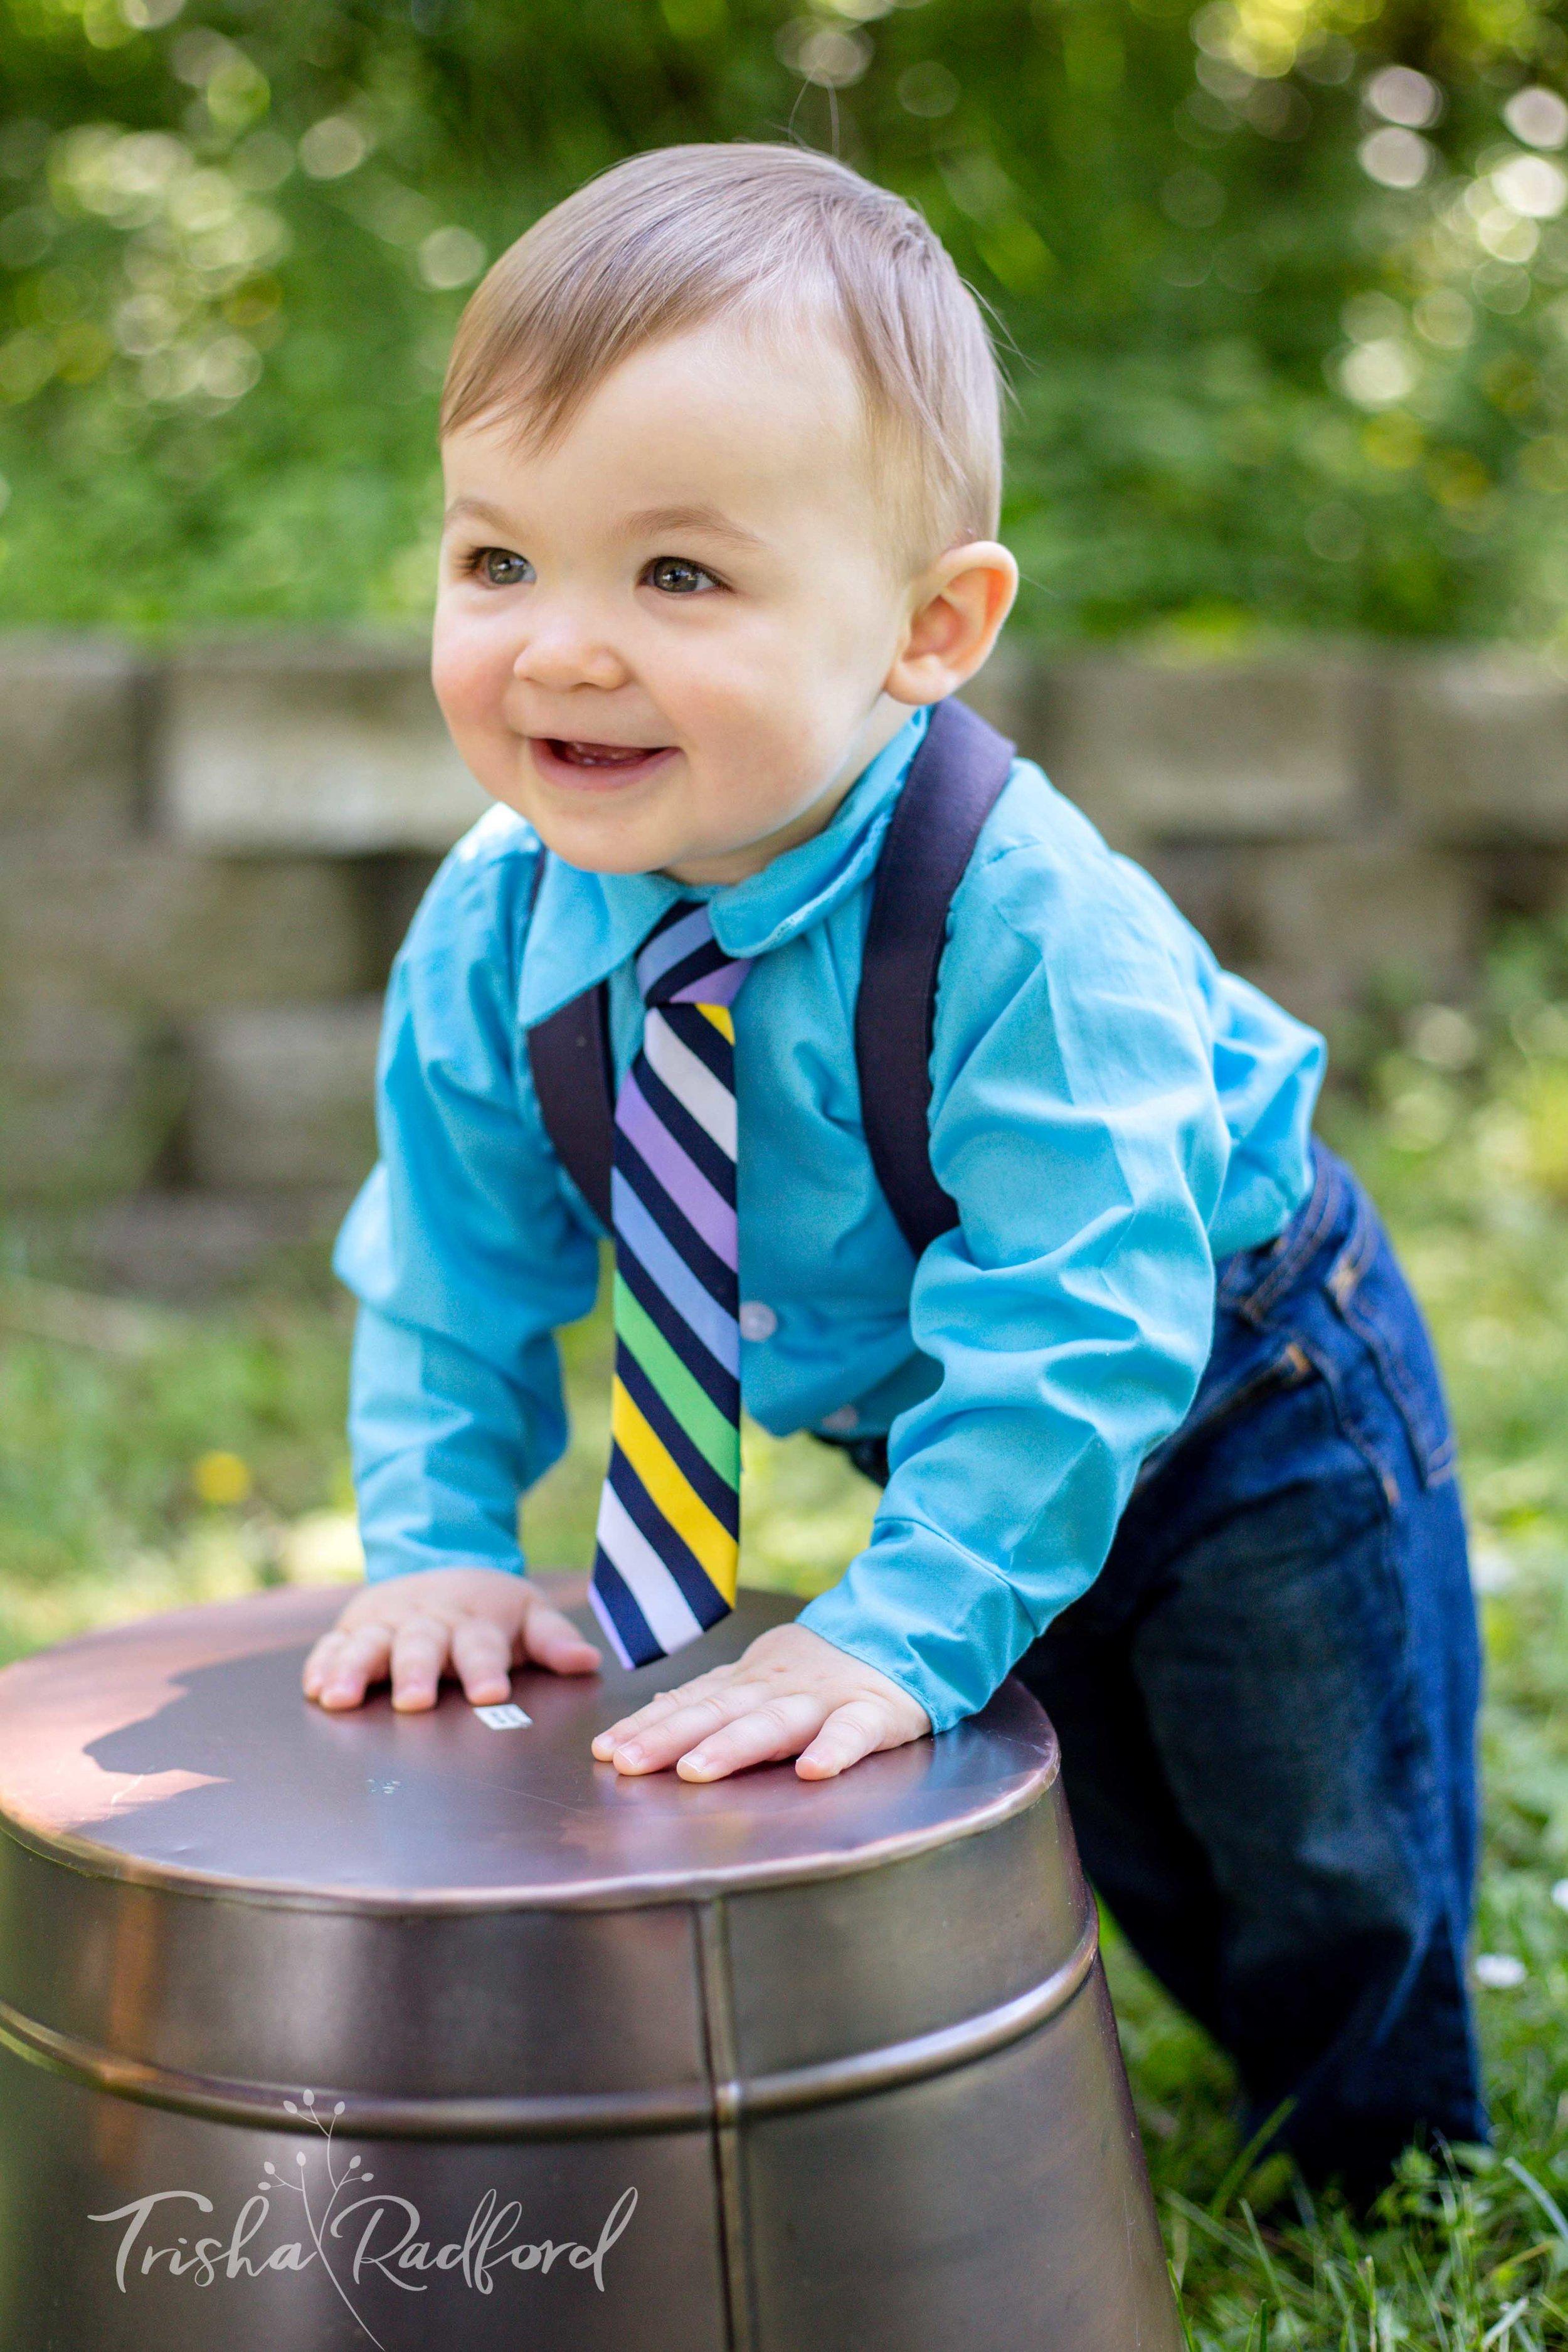 Baby boy wearing a tie